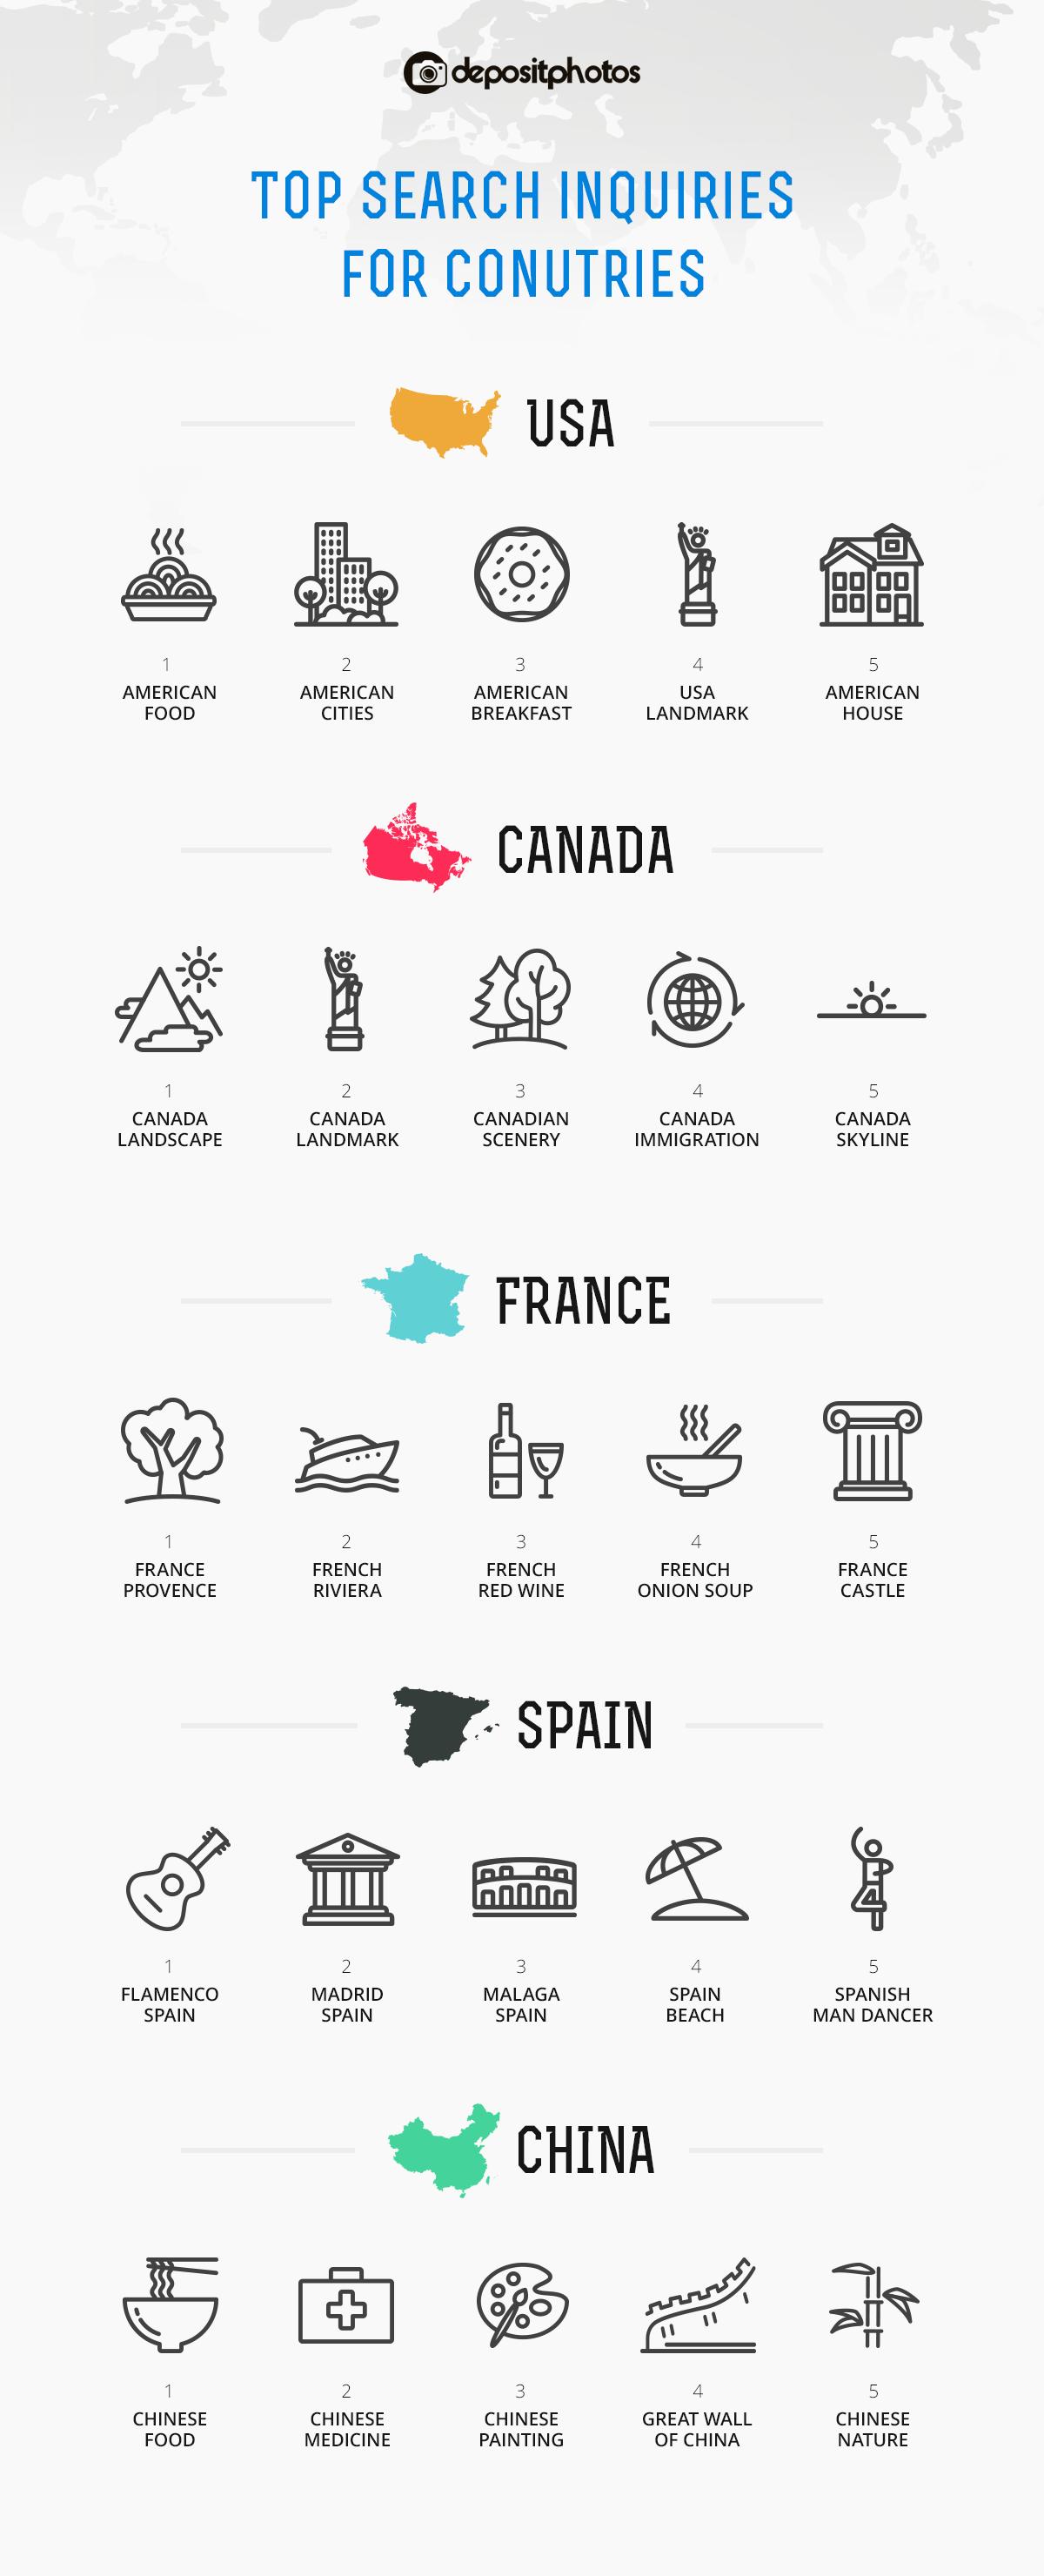 Depositphotos infographic 2